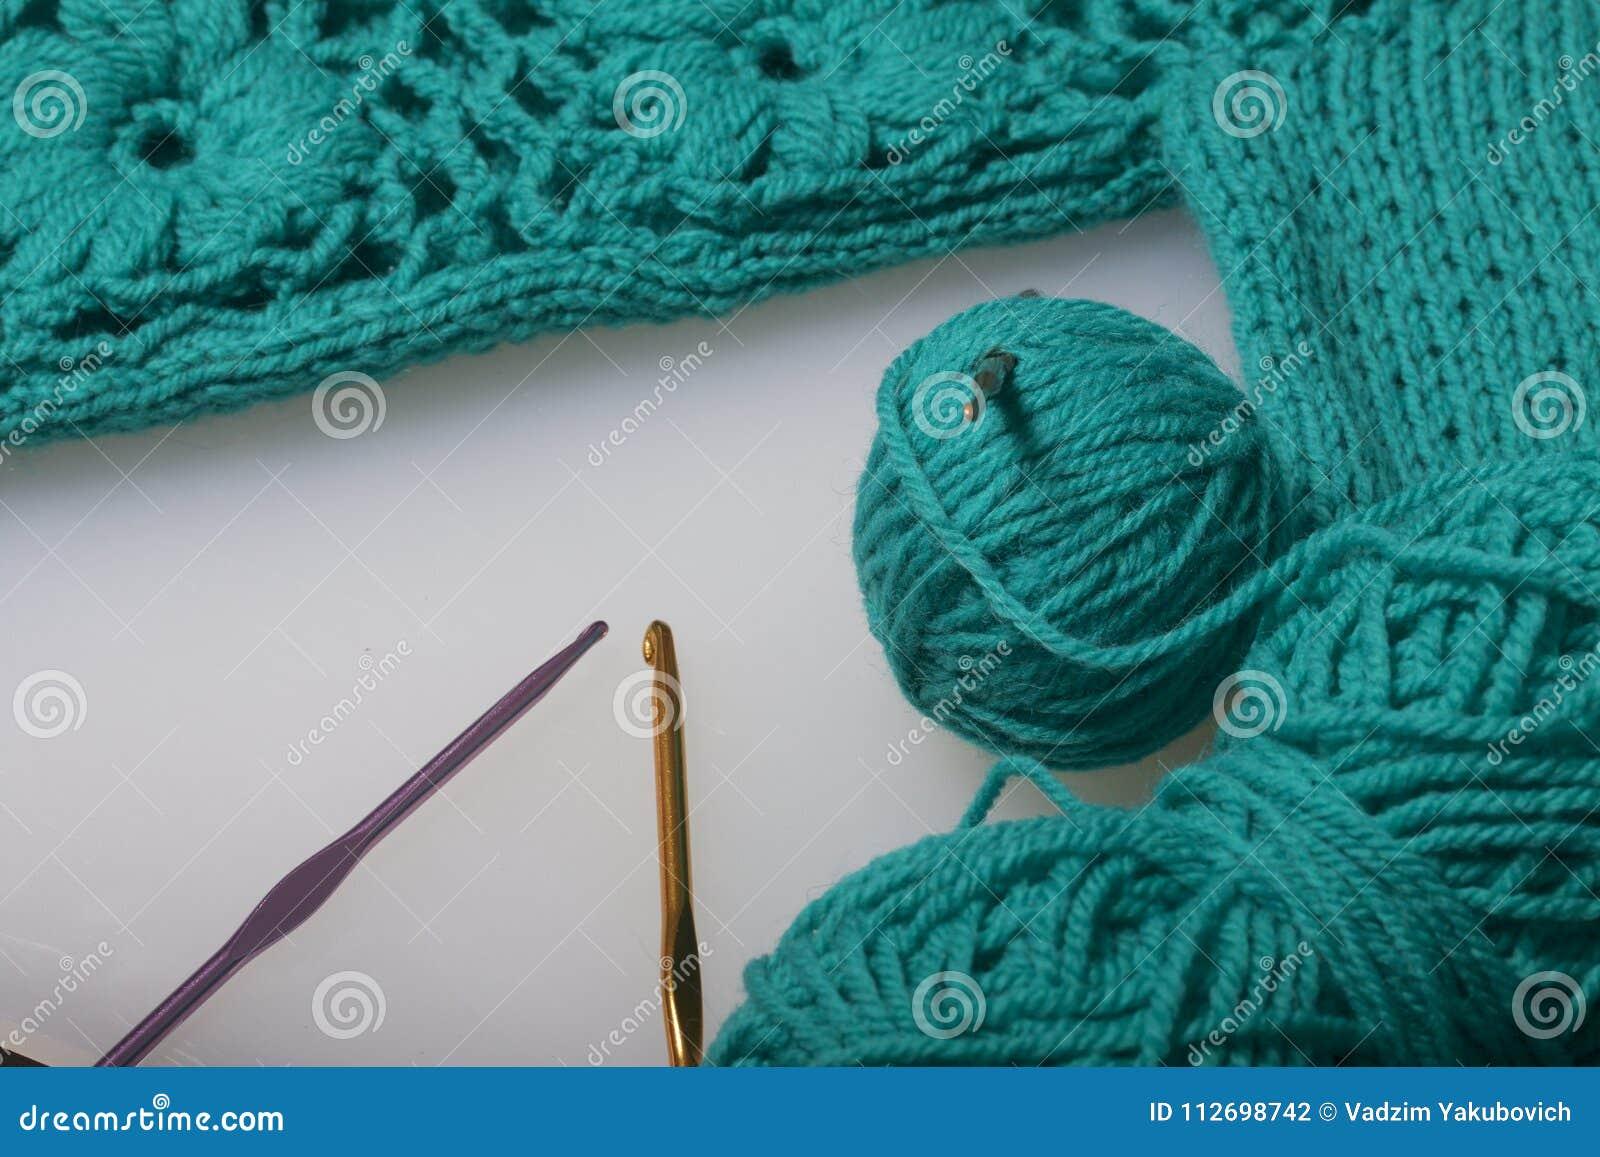 Koorden van draad voor het breien smaragdgroene kleur en haken voor het breien Lig op een klaar gebreid product